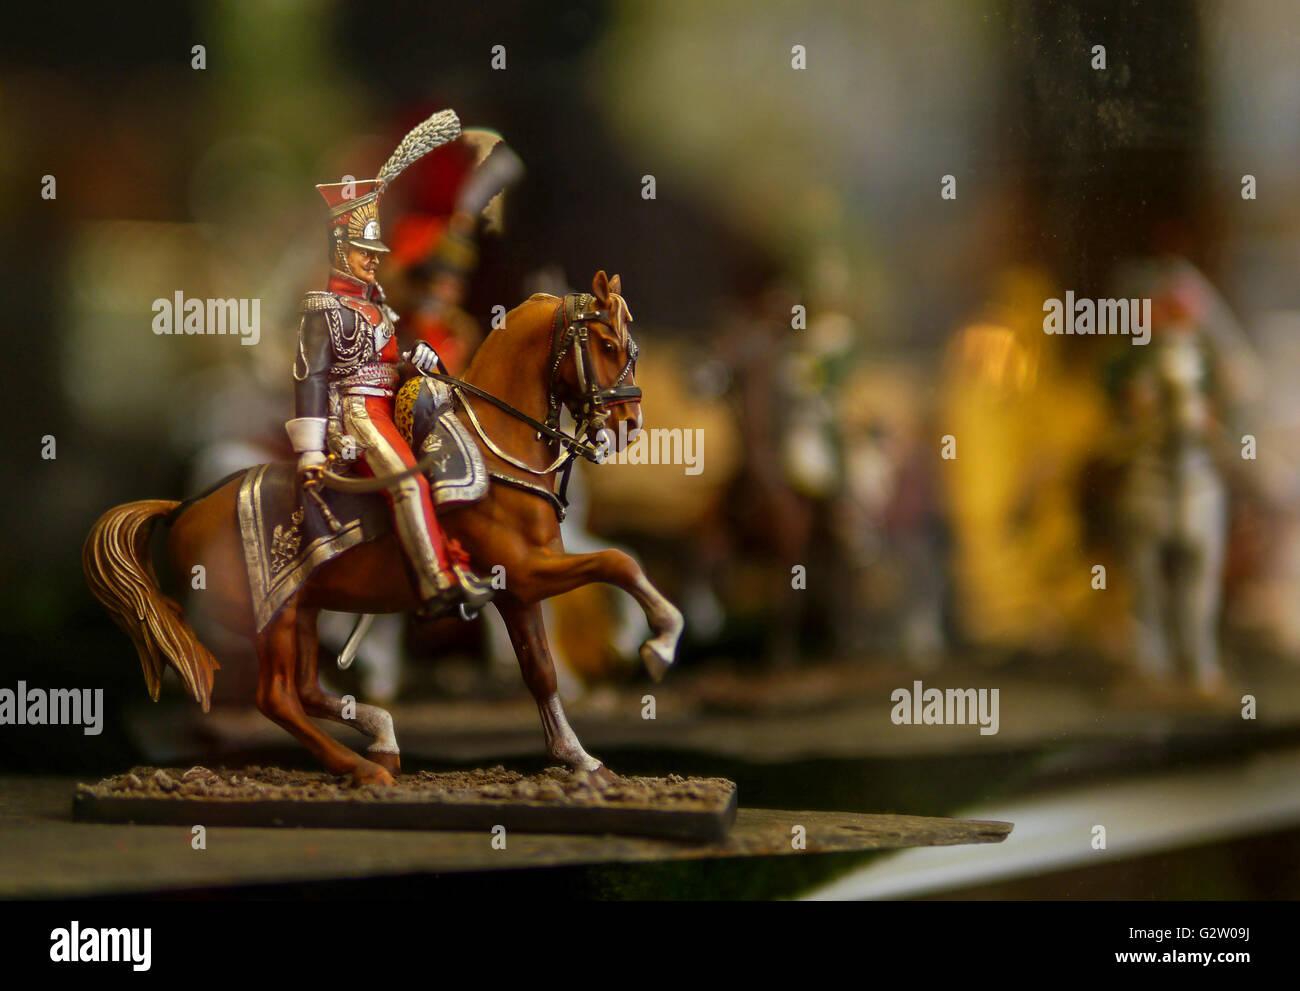 Un soldato giocattolo su un cavallo nella vetrina di un